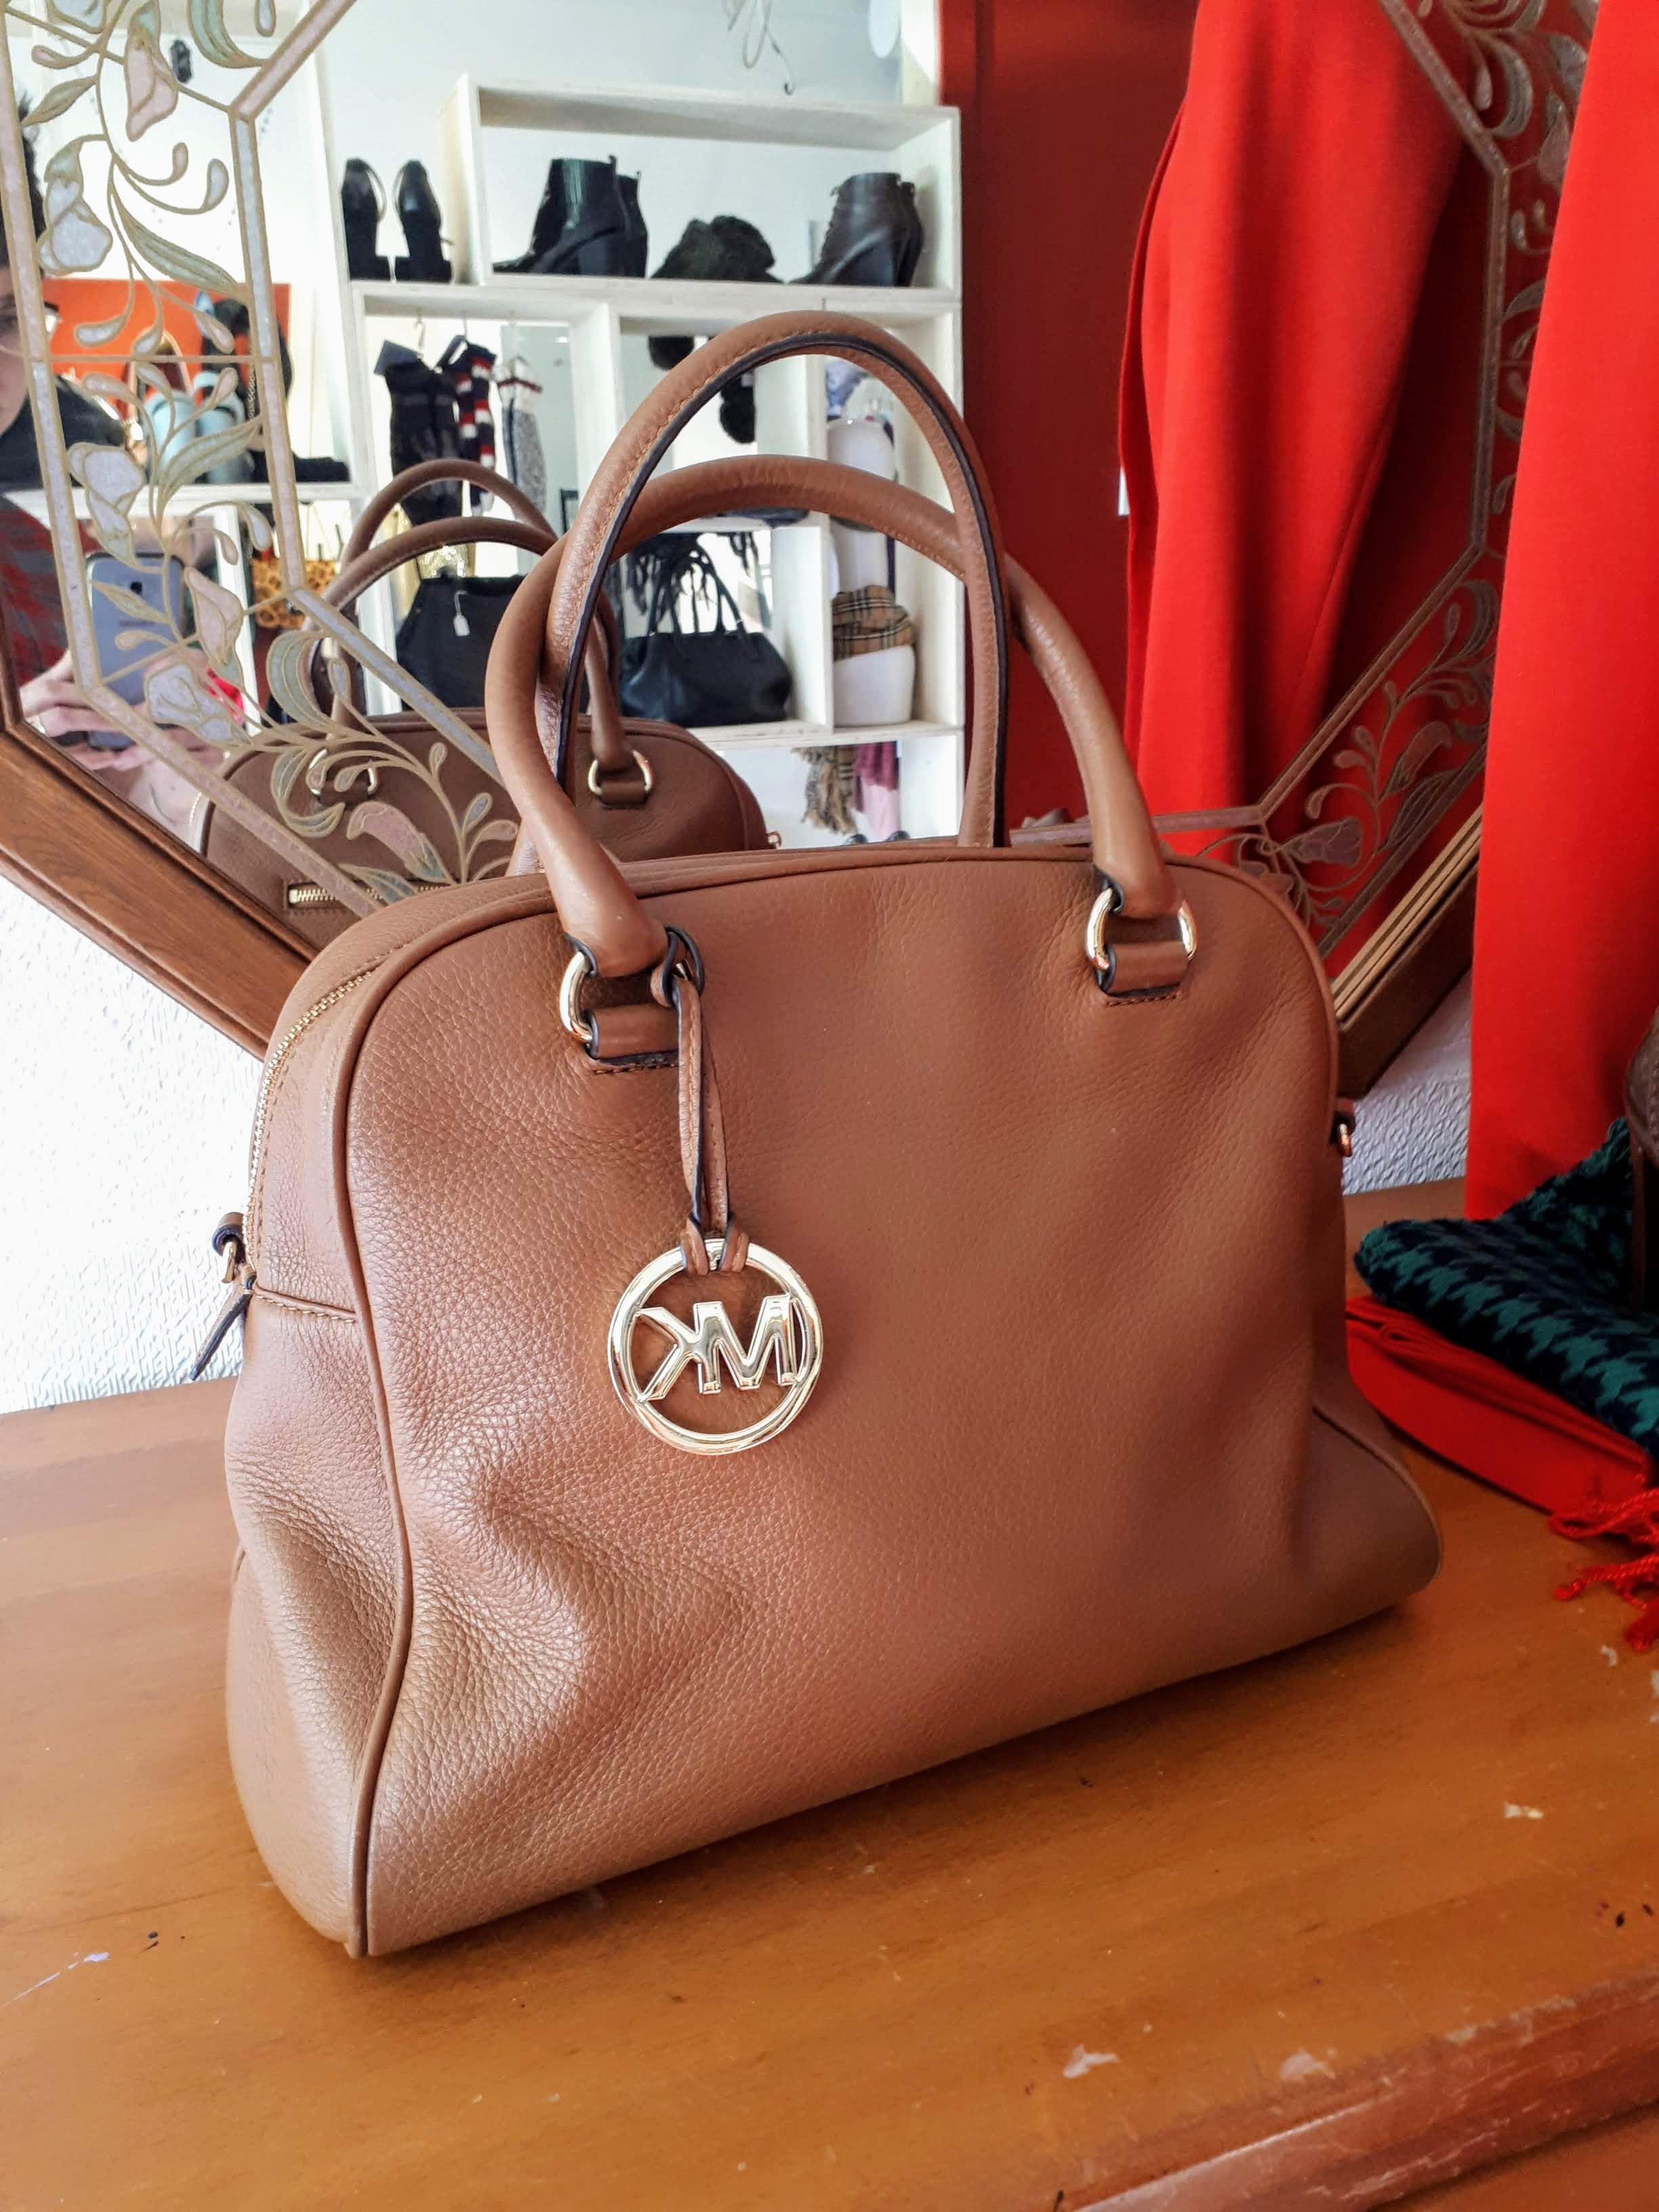 Michael Kors bag, $65